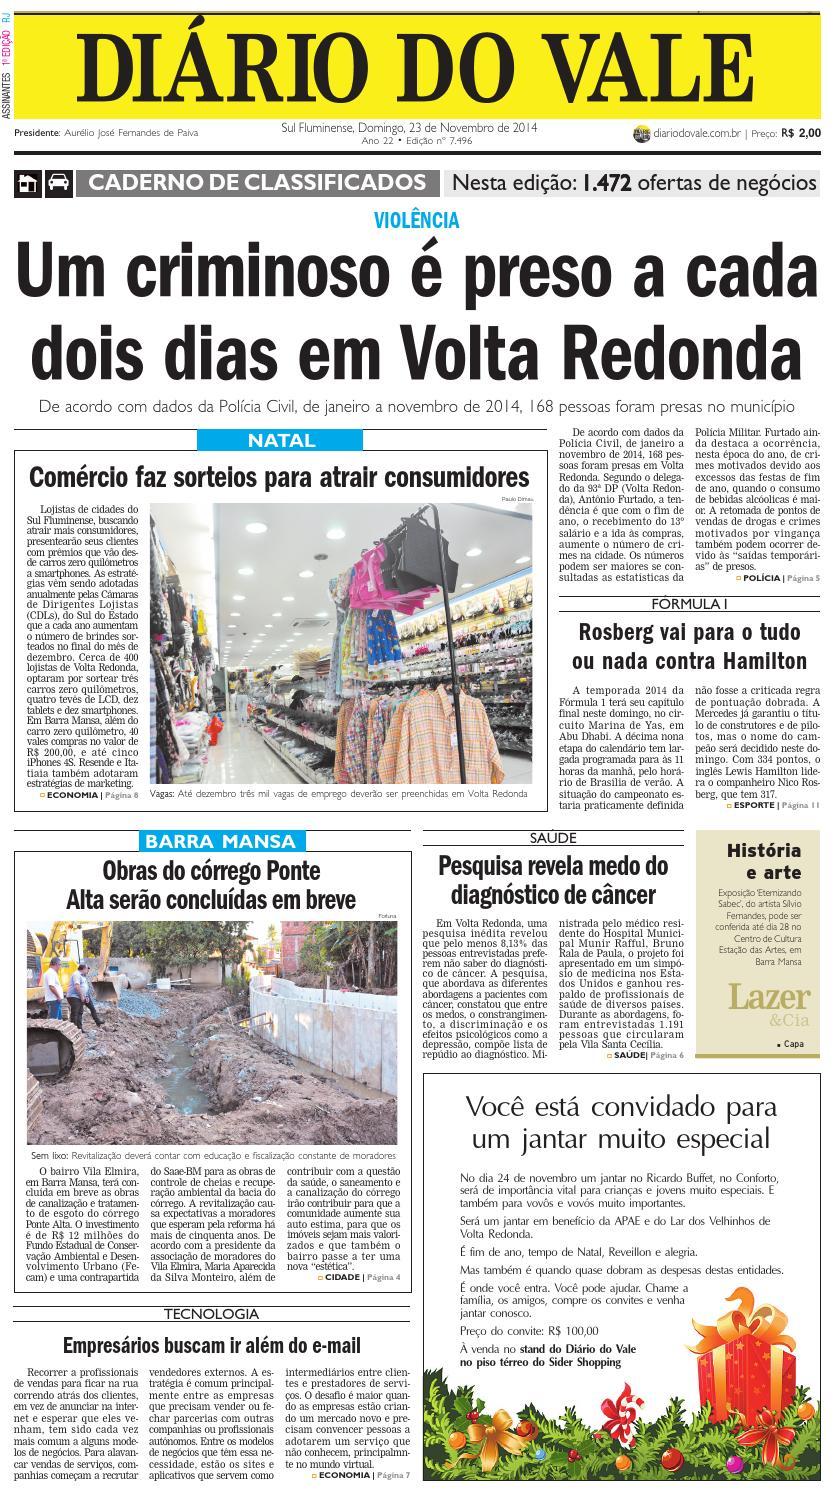 7496 diario domingo 23 11 2014 by Diário do Vale - issuu 6c6266a5796